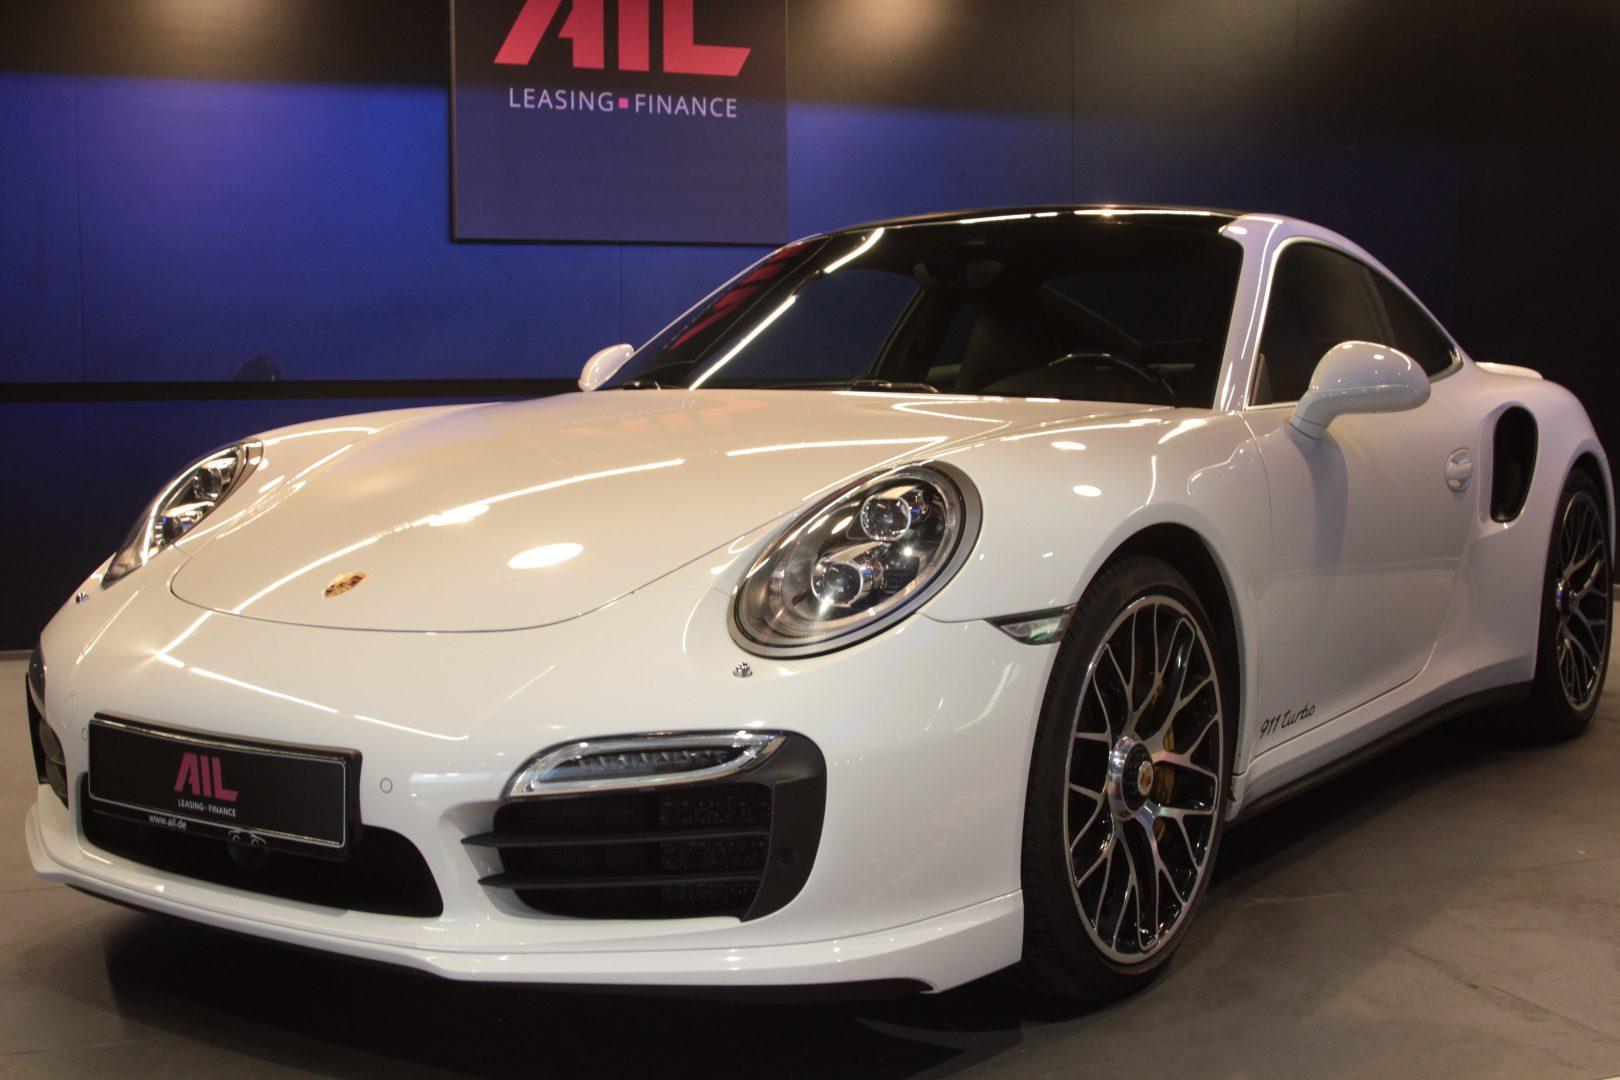 AIL Porsche 991 Turbo S 8